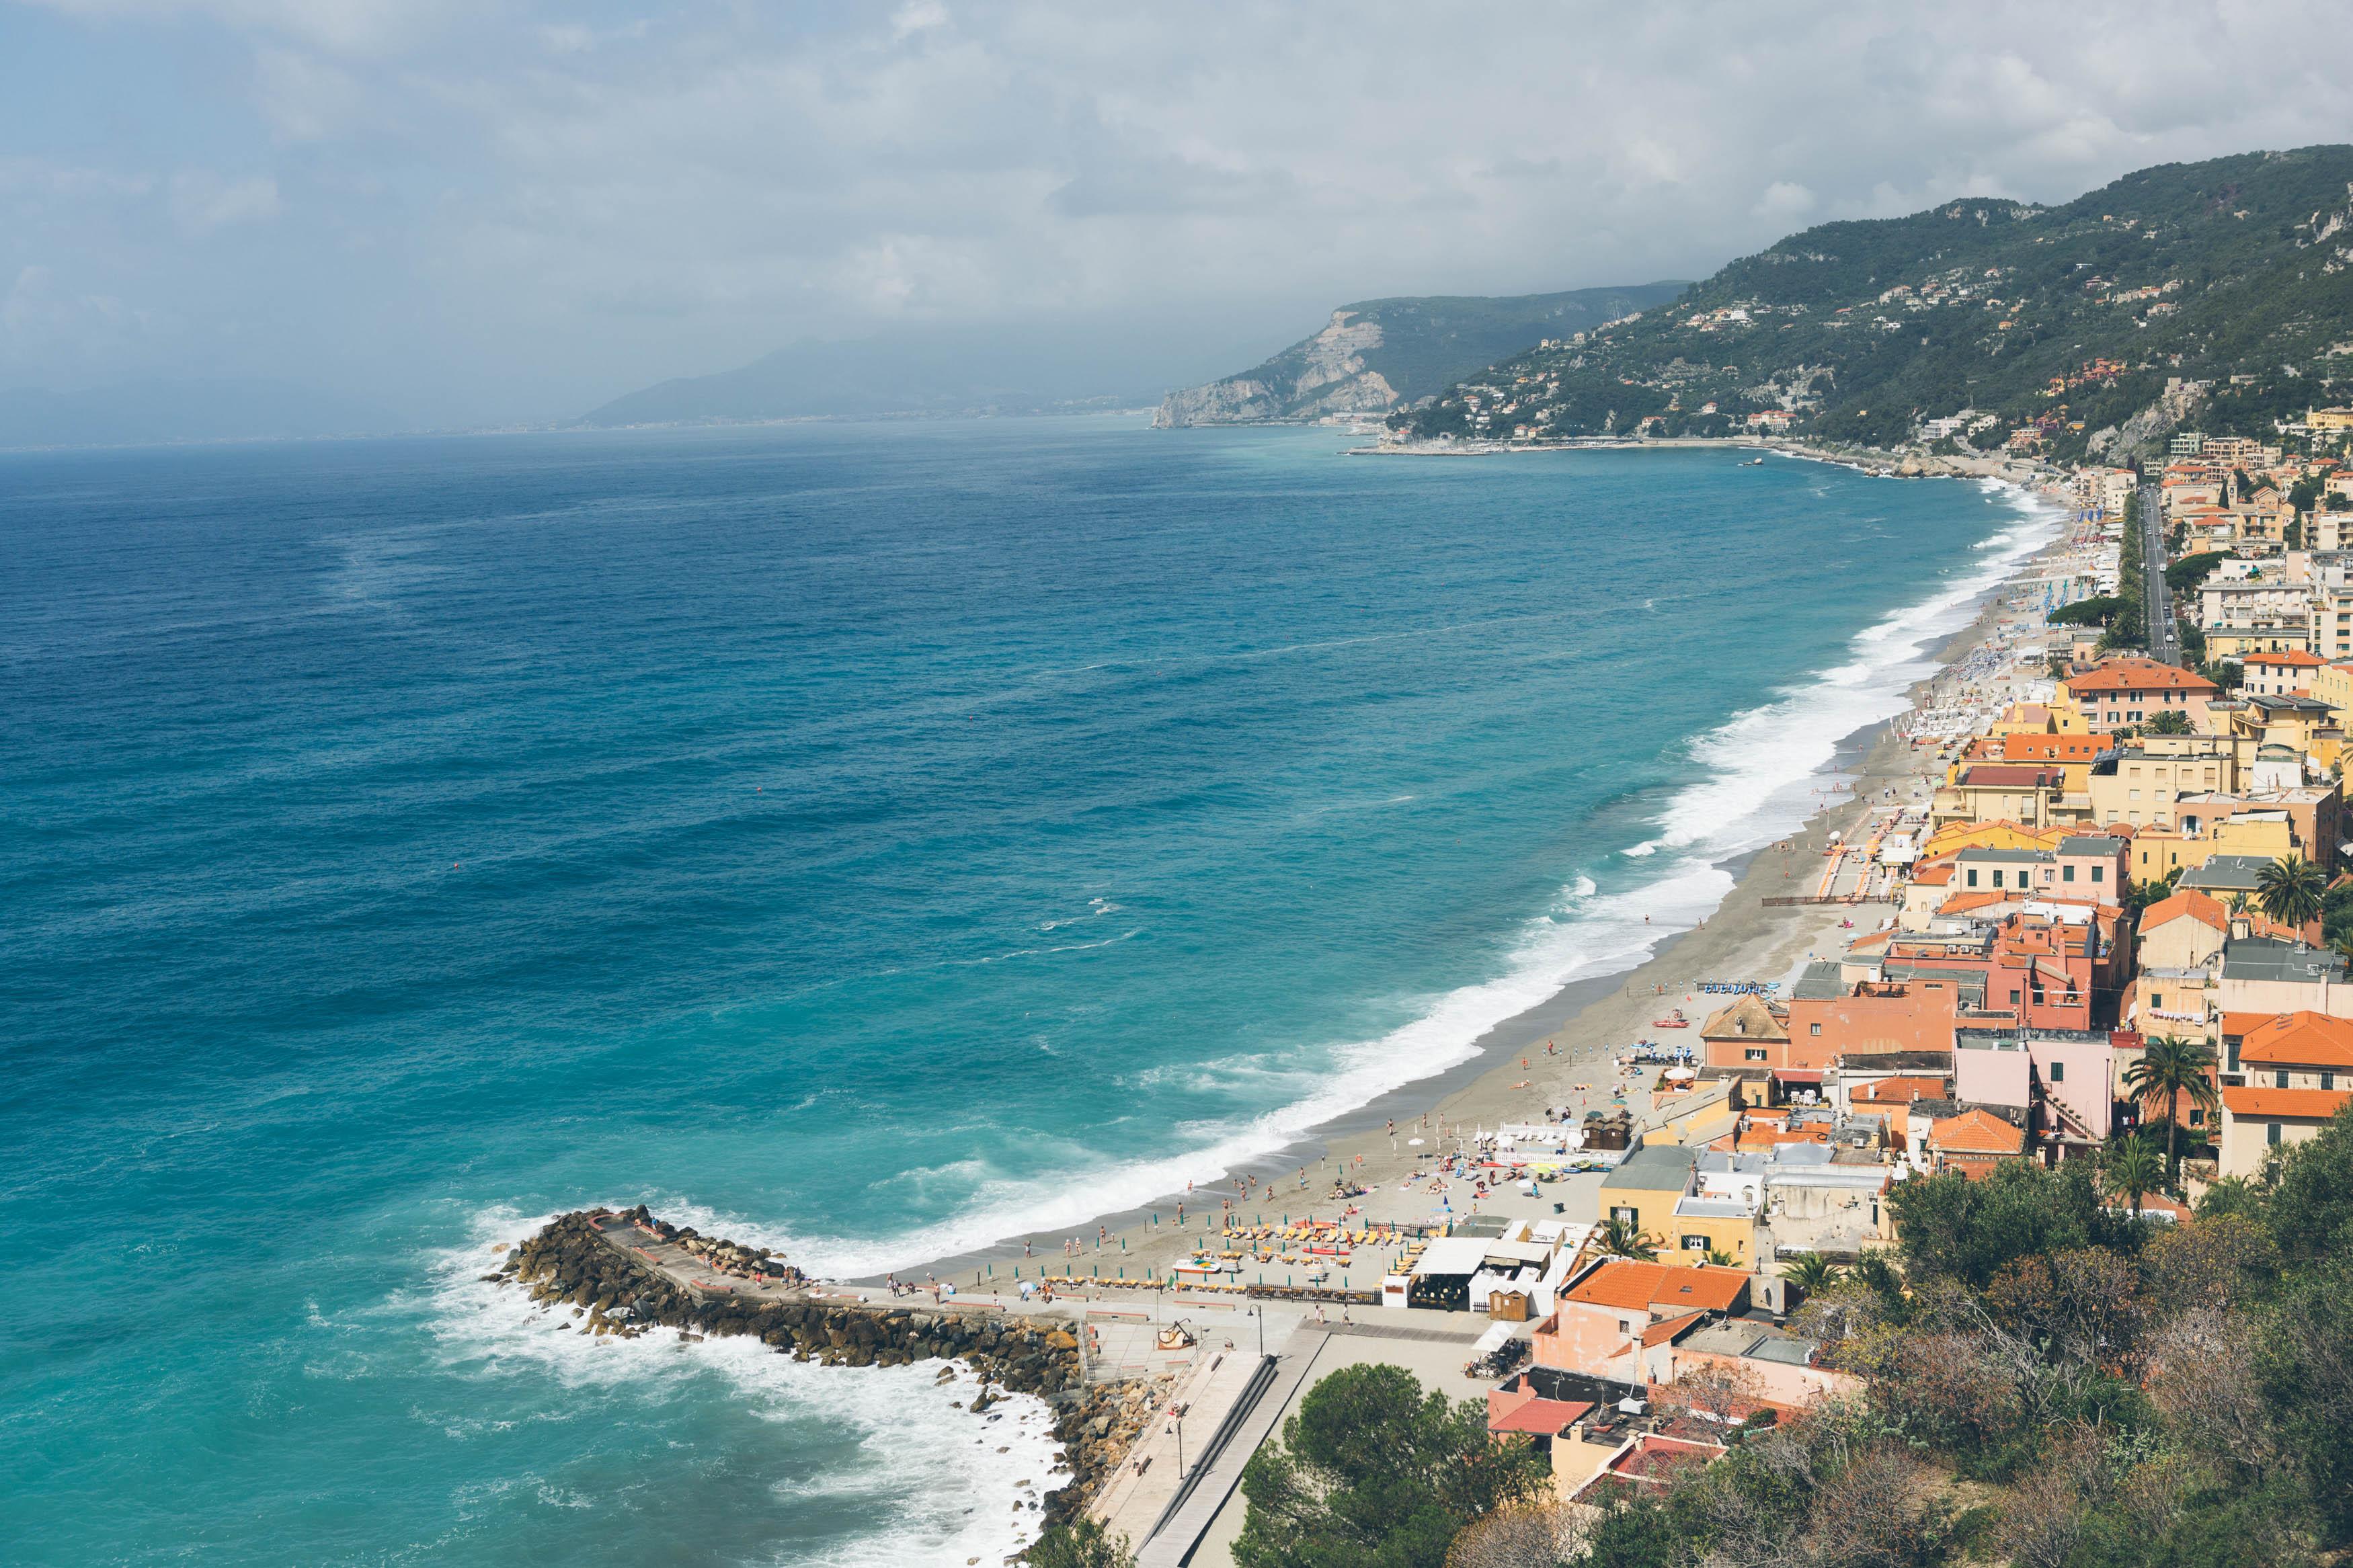 Spiagge di Varigotti